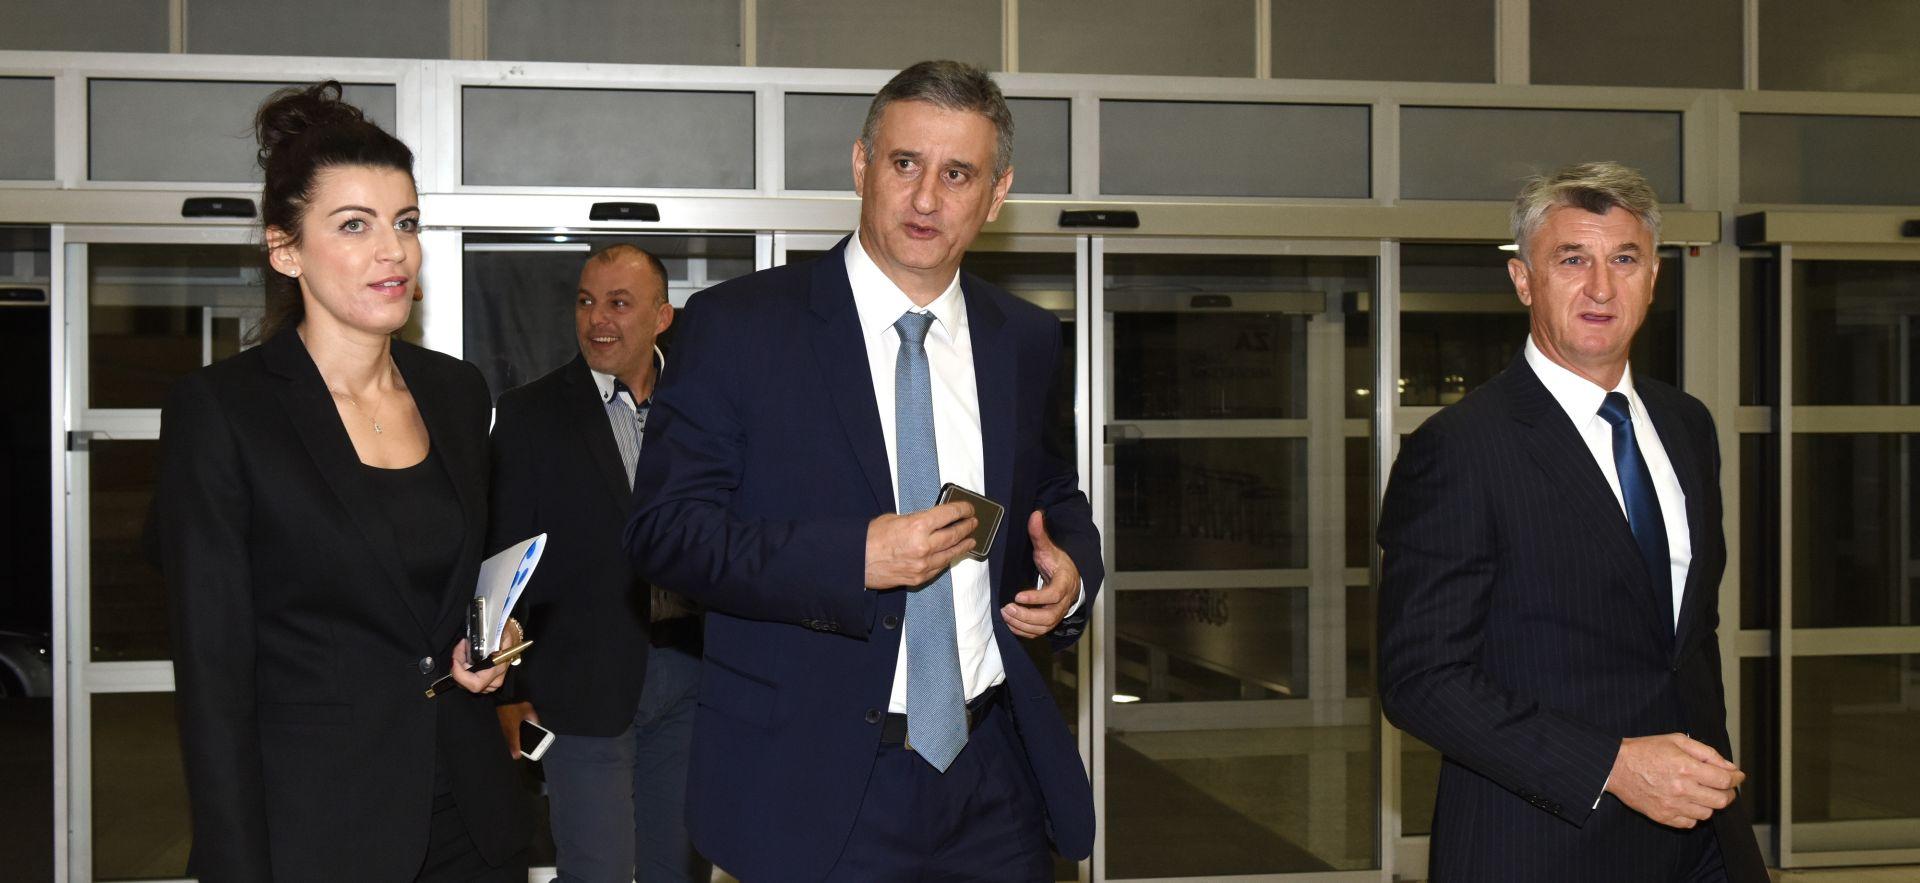 IZBORI 2015.: Domoljubna koalicija predala liste, Karamarko očekuje uvjerljivu pobjedu